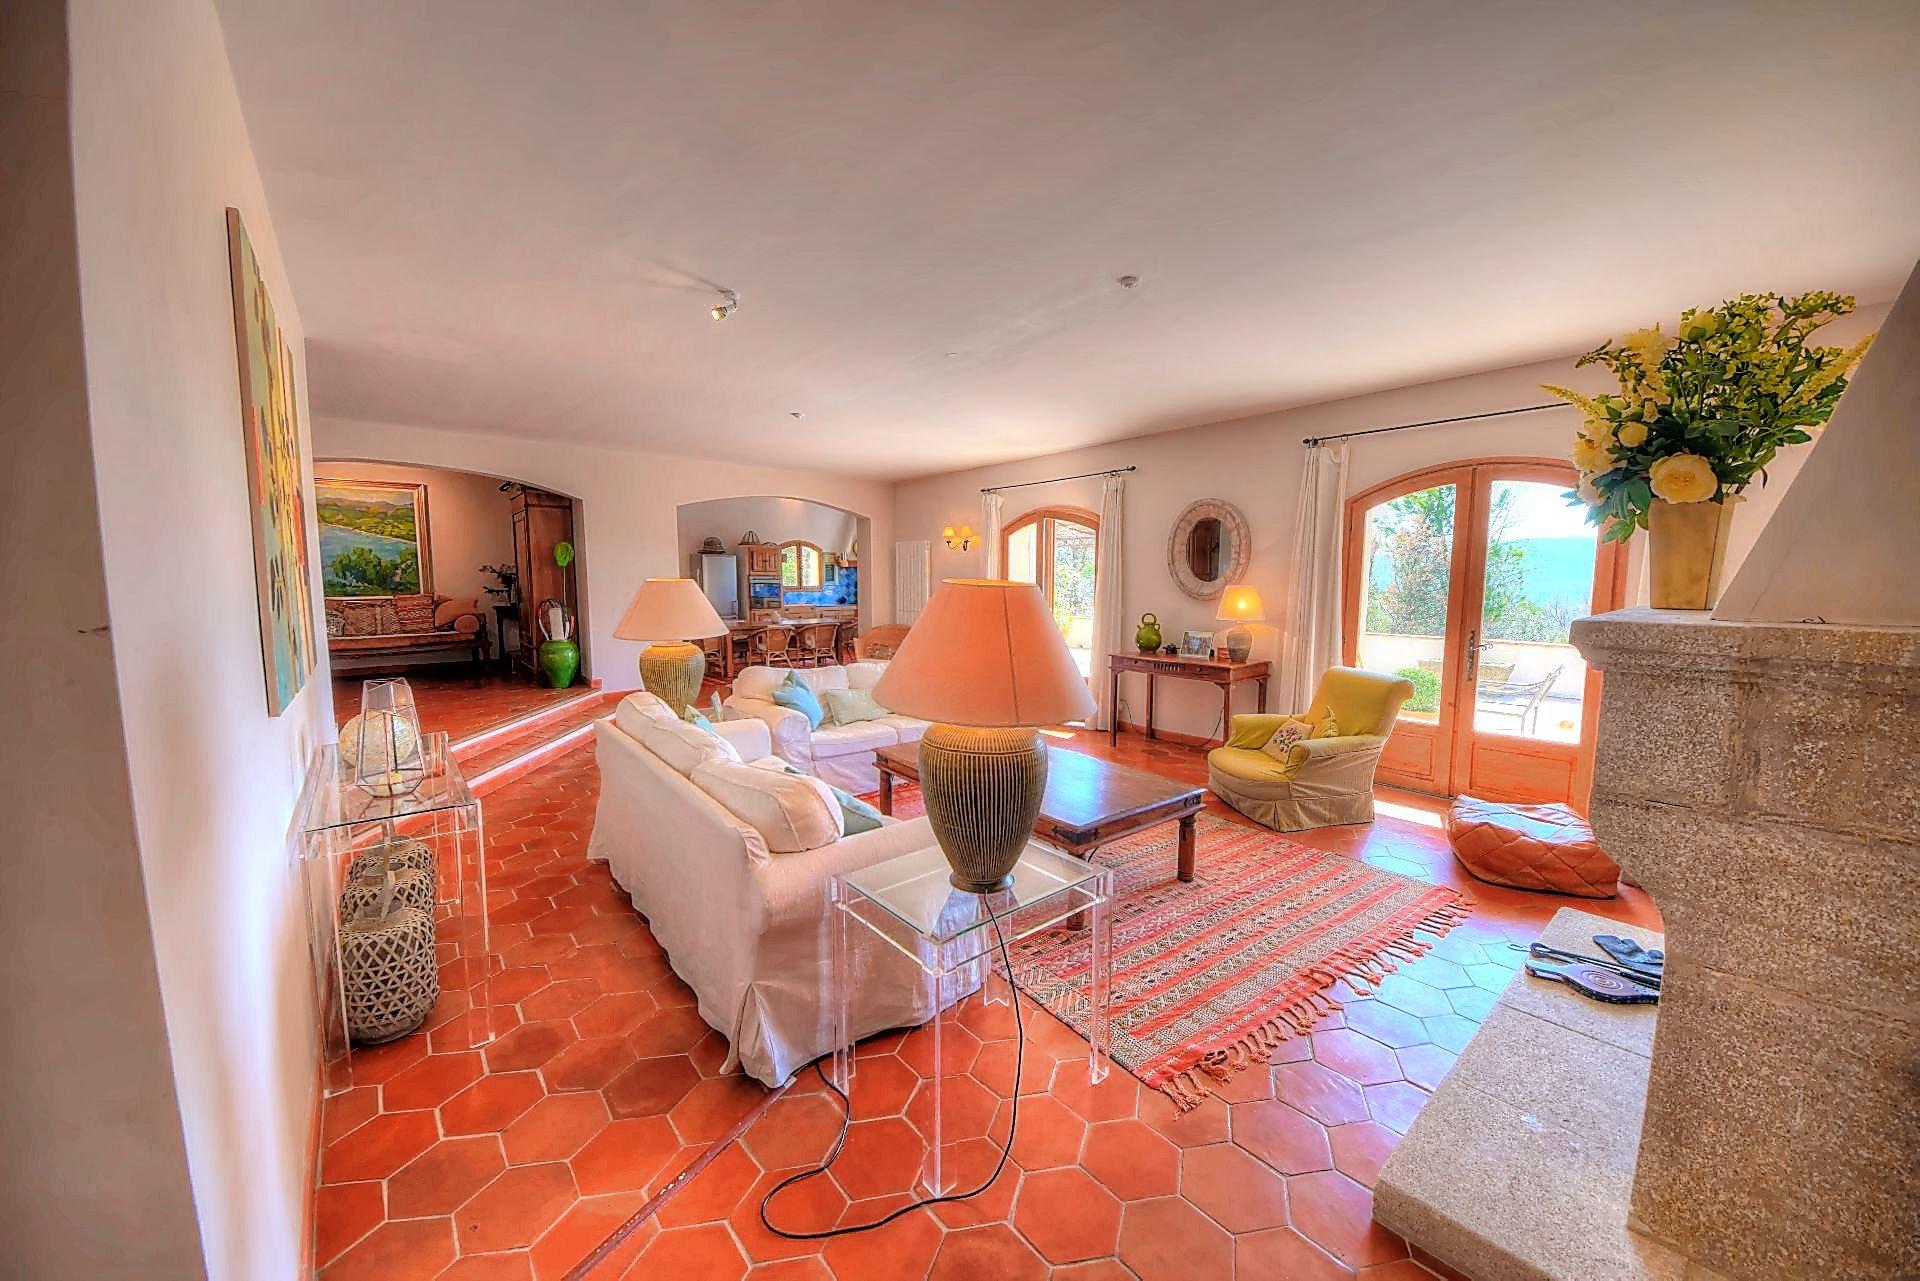 Confortable villa provençale dans un endroit isolé avec vue panoramique.en Campagne, Ampus, verdon, Var